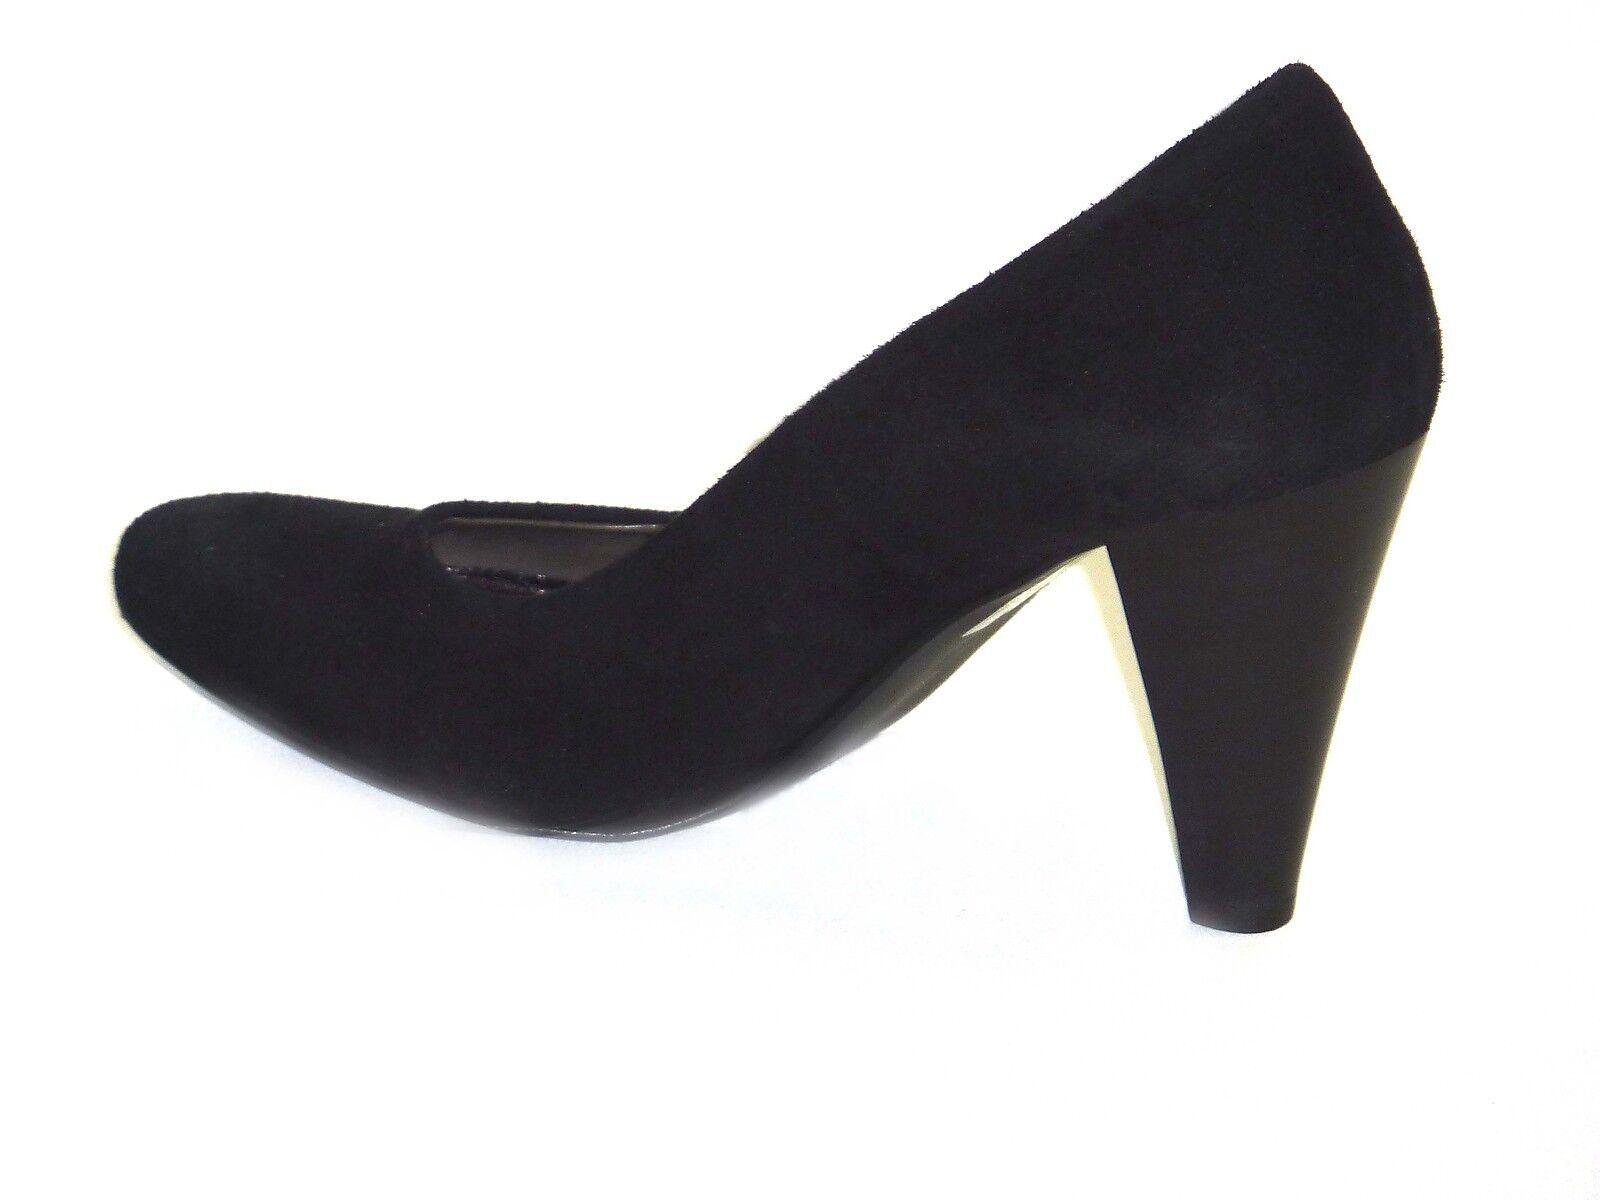 25007 Schuhe Damens 36 DECOLLETTE' CAMOSIO NERO TACCHI ALTI 36 Damens b93a2a